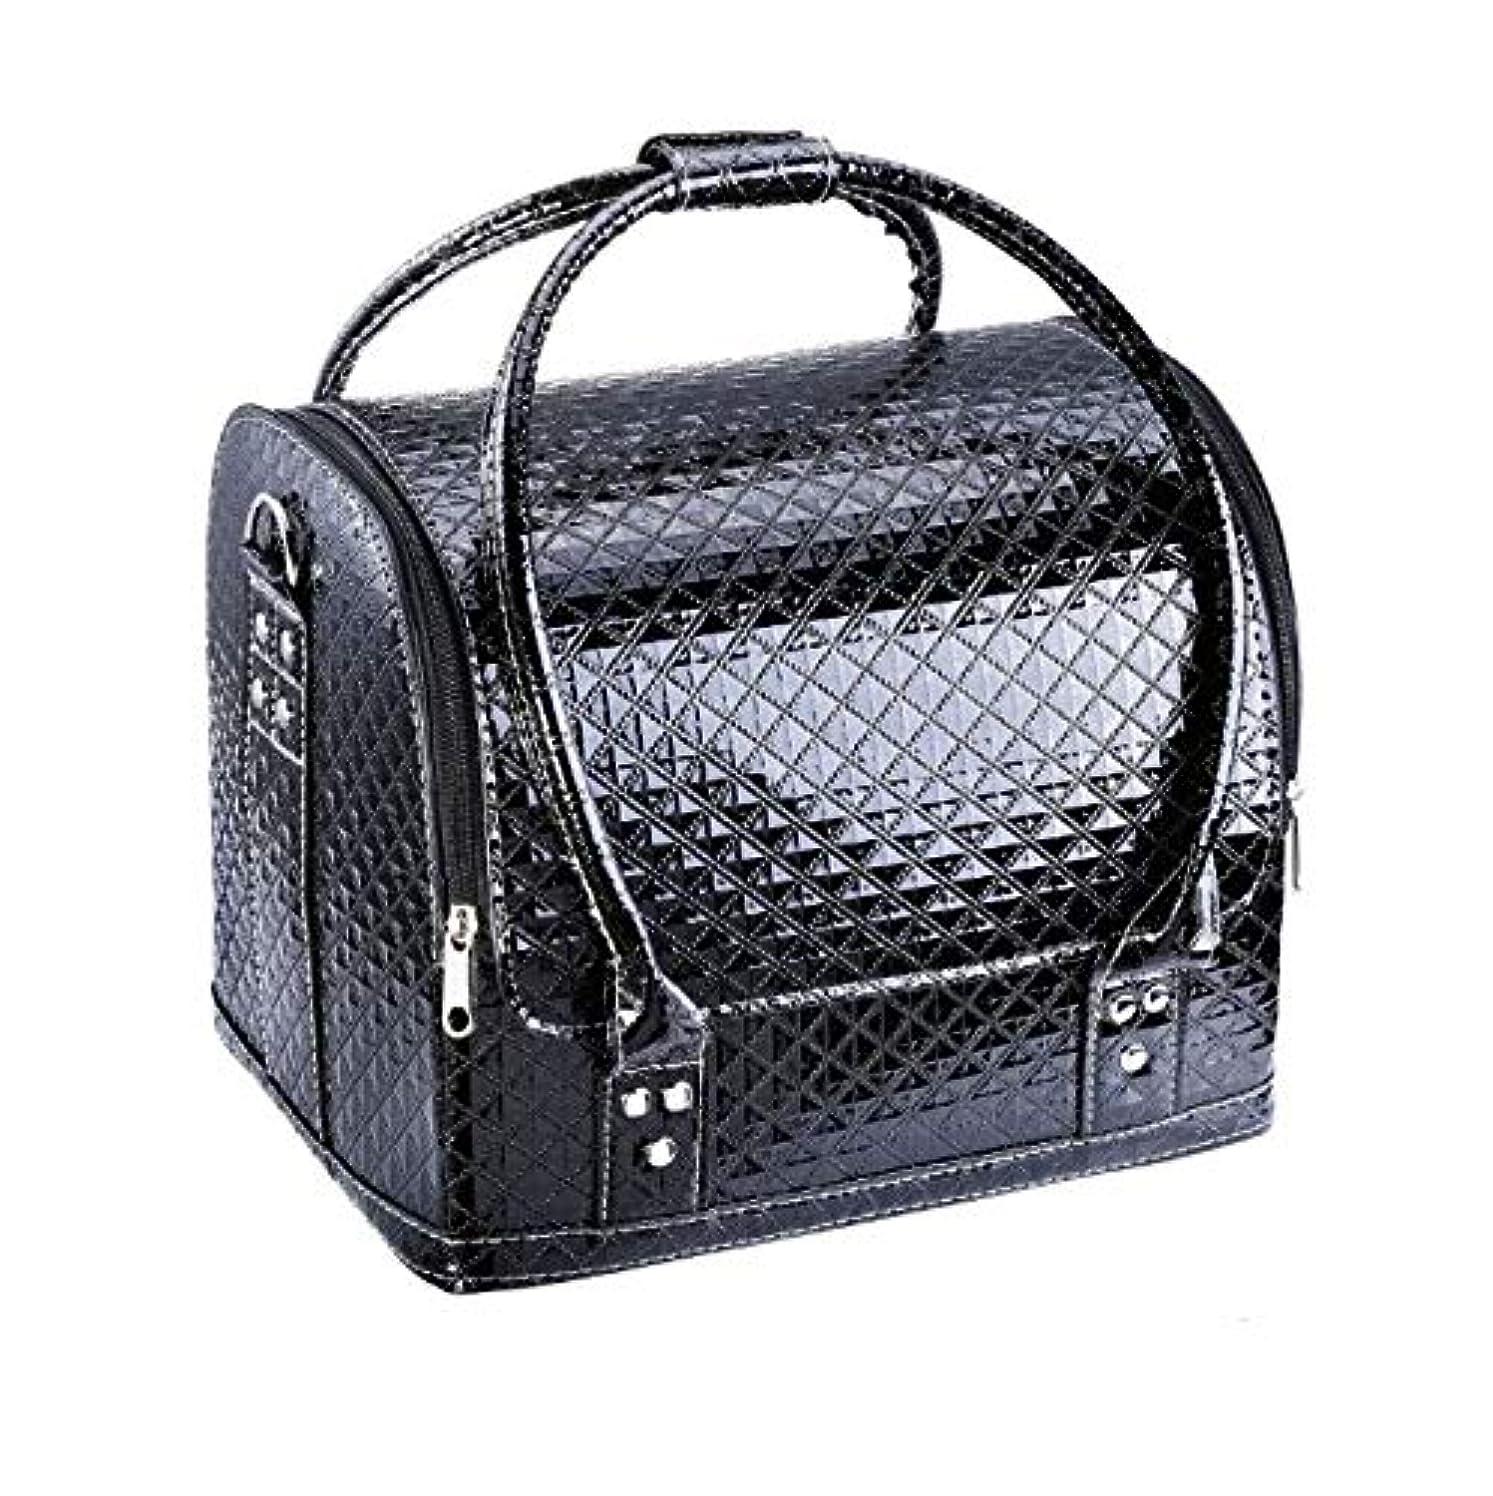 ルー午後雷雨化粧箱、大容量ダブルオープンポータブル化粧品ケース、ポータブルダイヤモンドパターン旅行化粧品バッグ、美容ネイルジュエリー収納ボックス